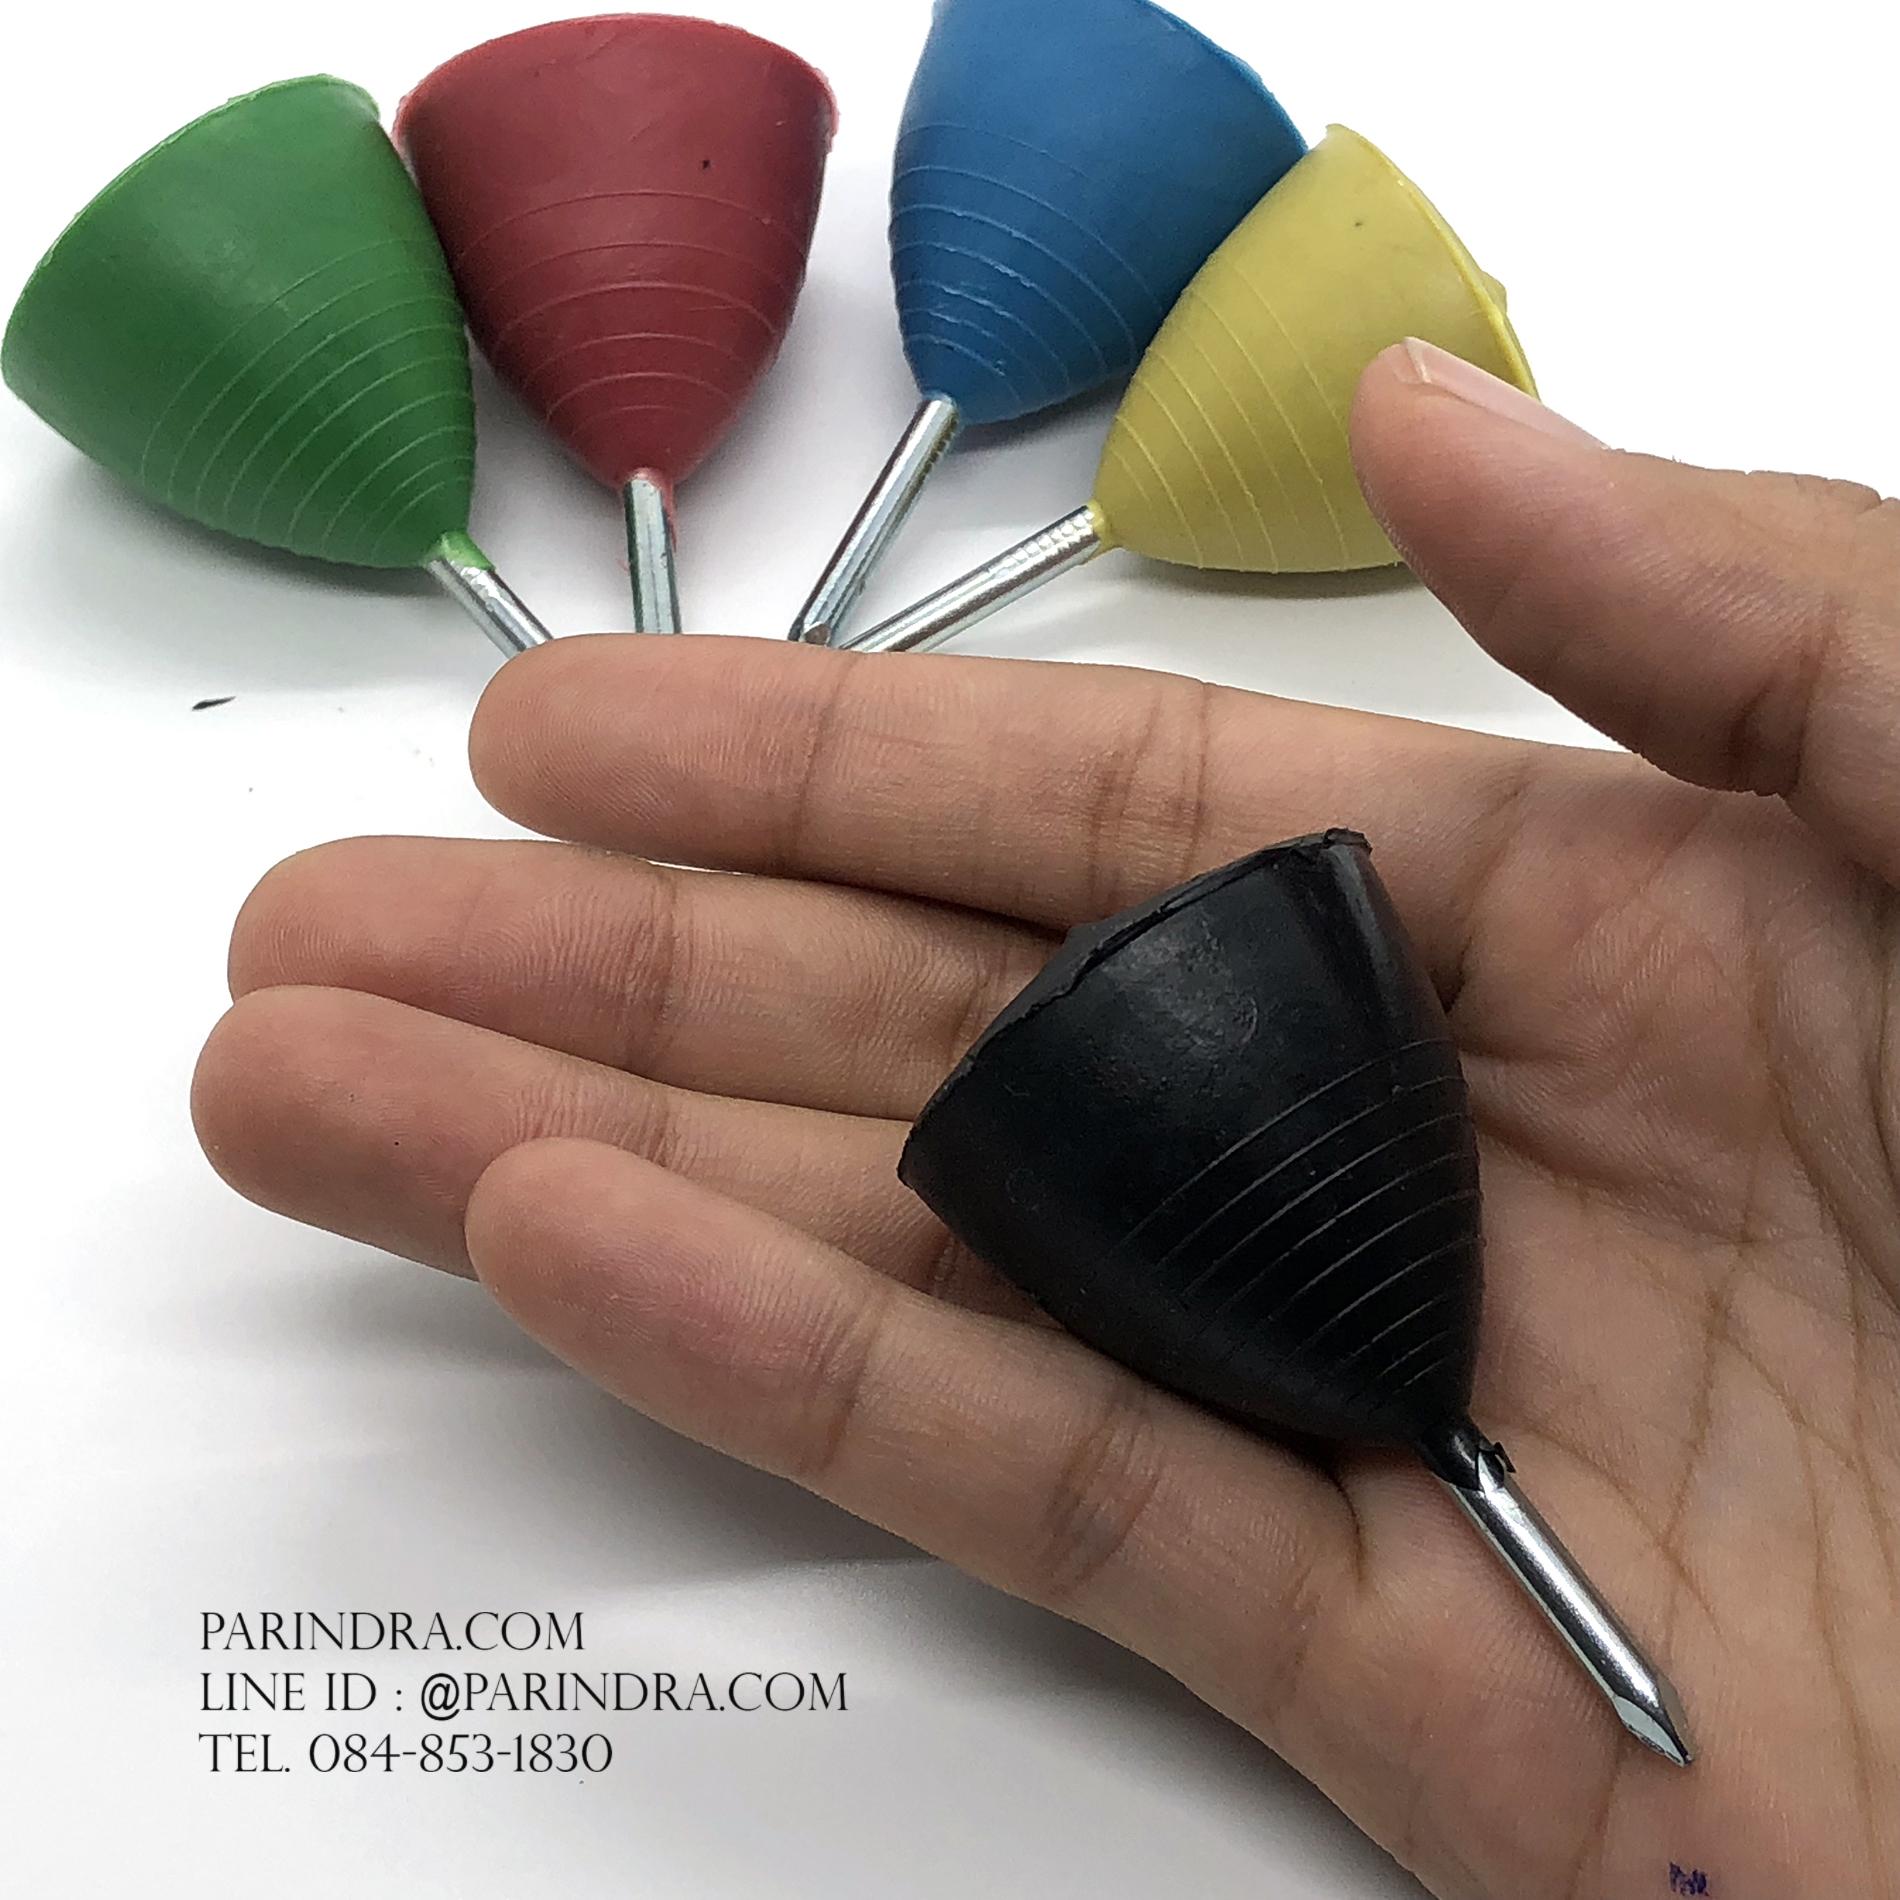 ลูกข่างพลาสติกขนาดเล็ก คละสี